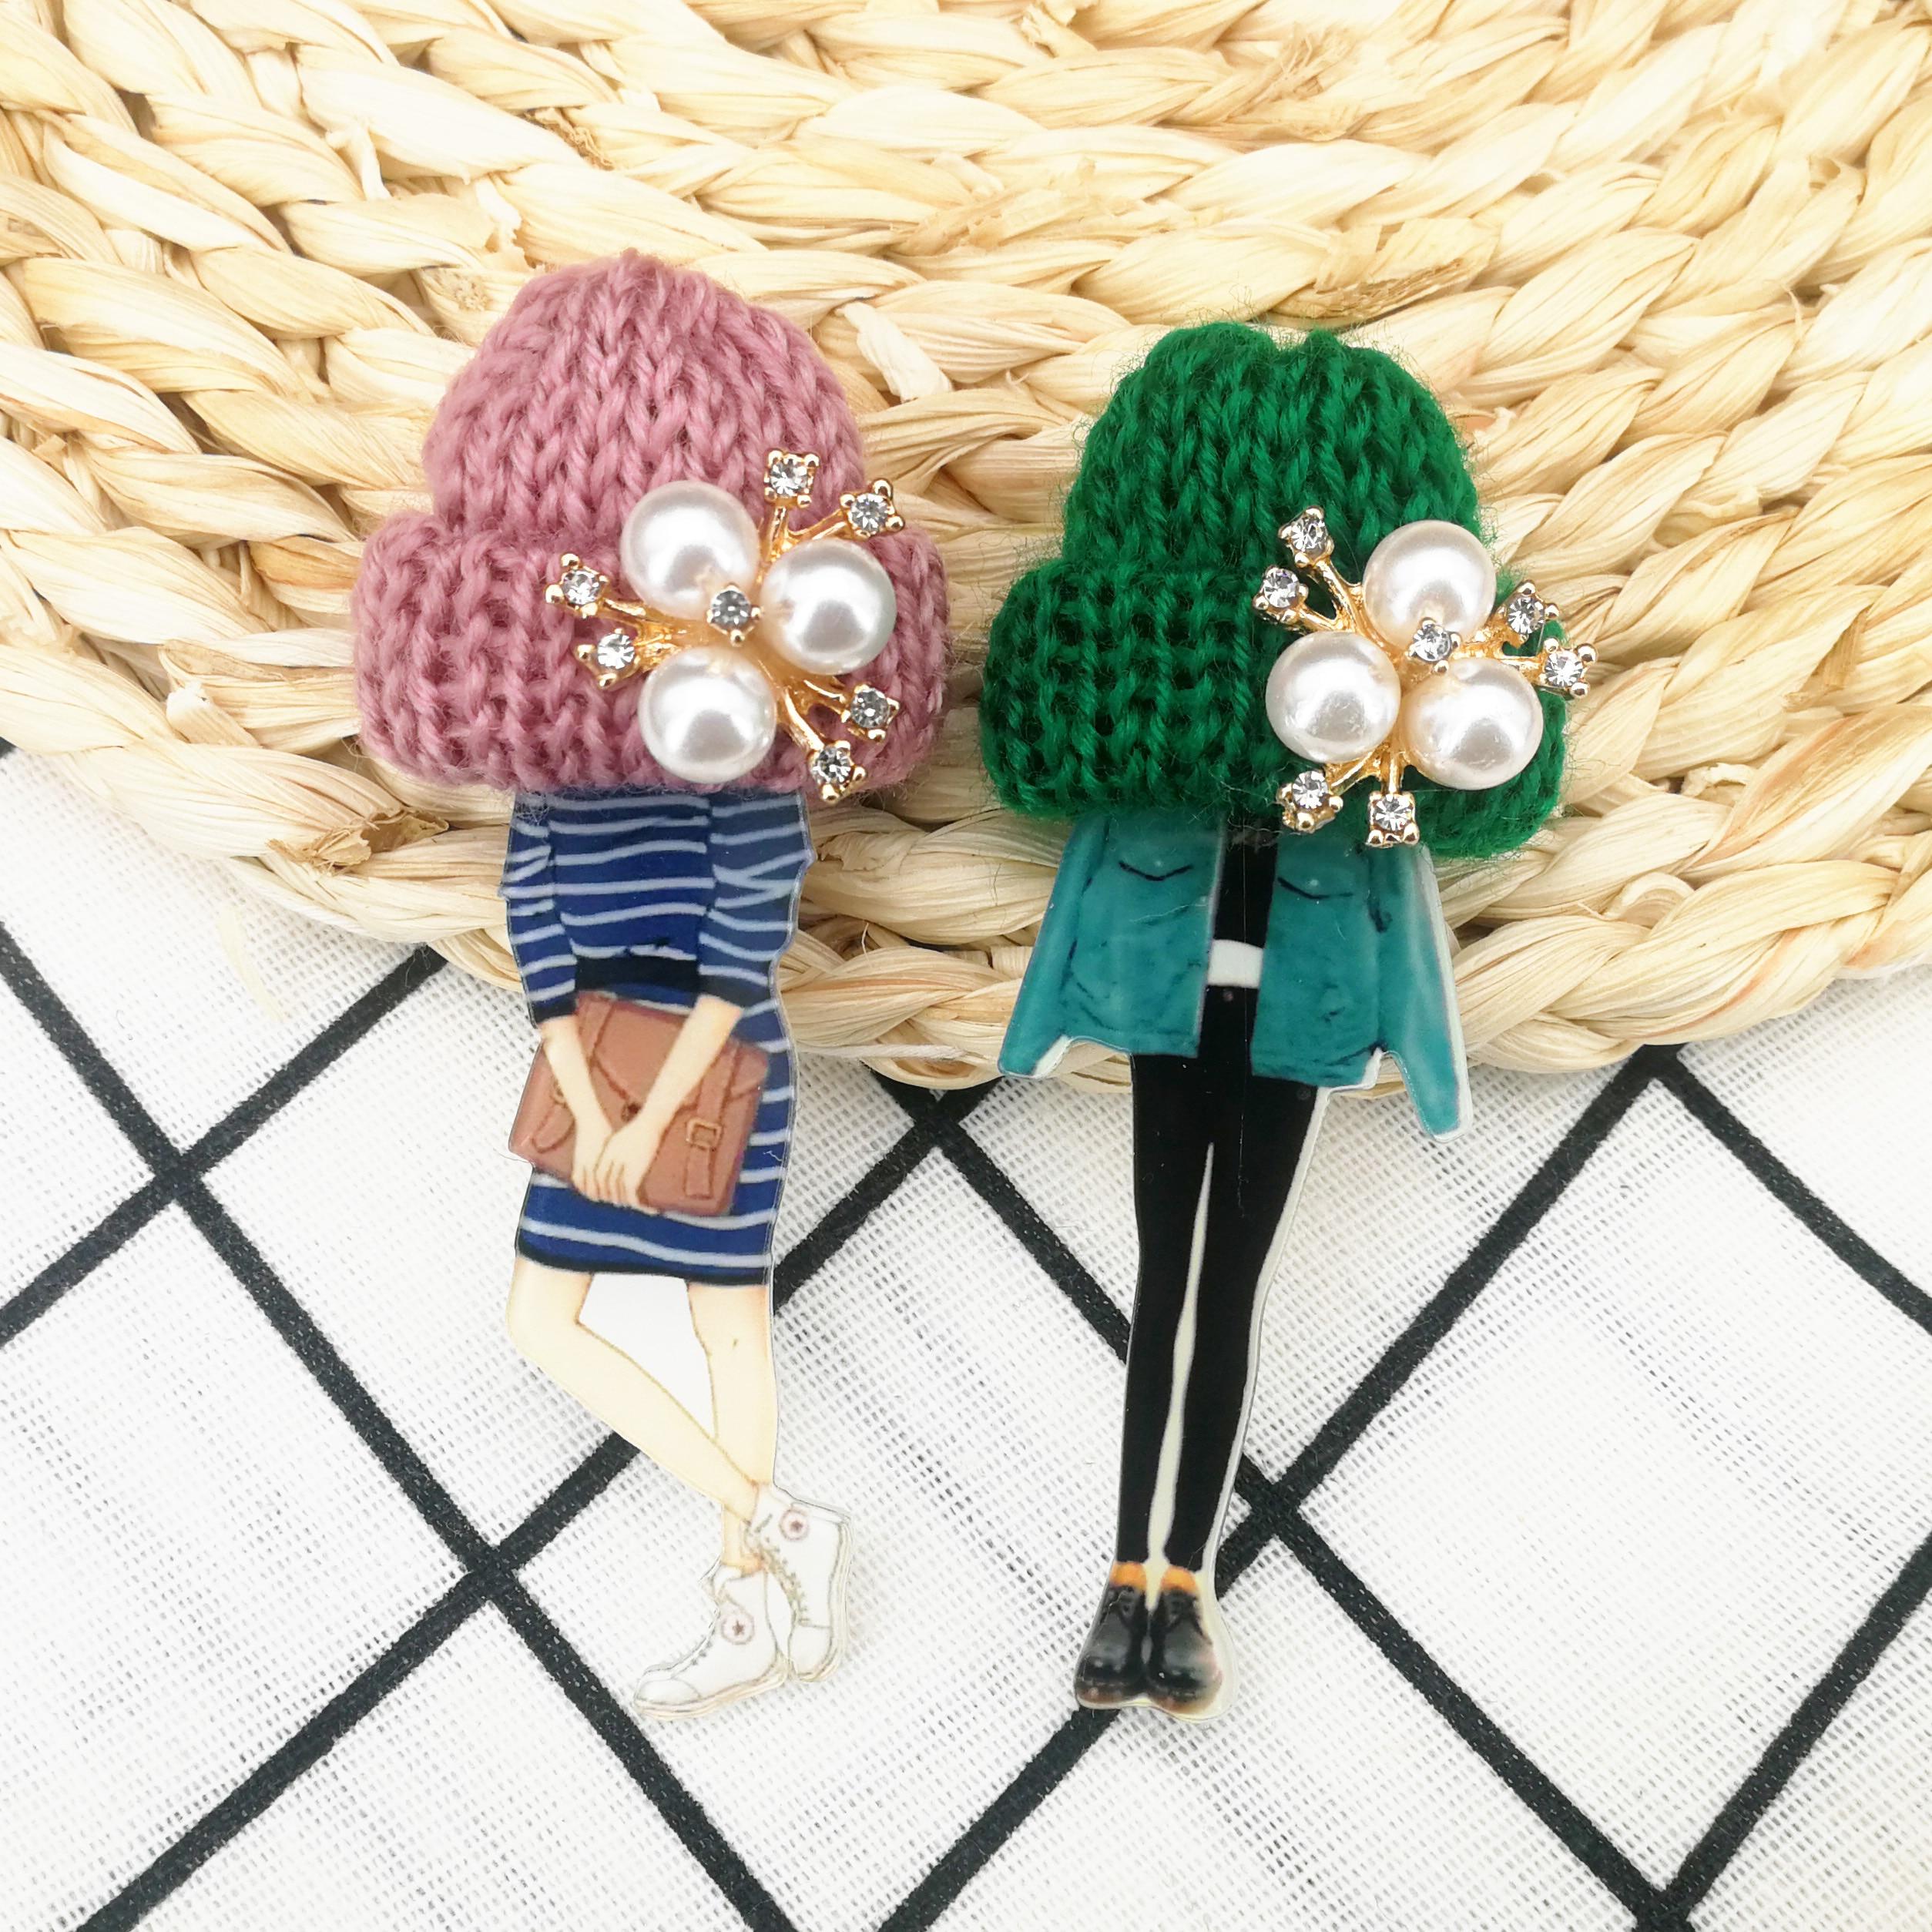 Девушки милые Броши для женщин шерсть шляпа Кристалл значки с героями мультфильмов брошь булавки Мода Harajuku значки на булавке подарки Прямая поставка